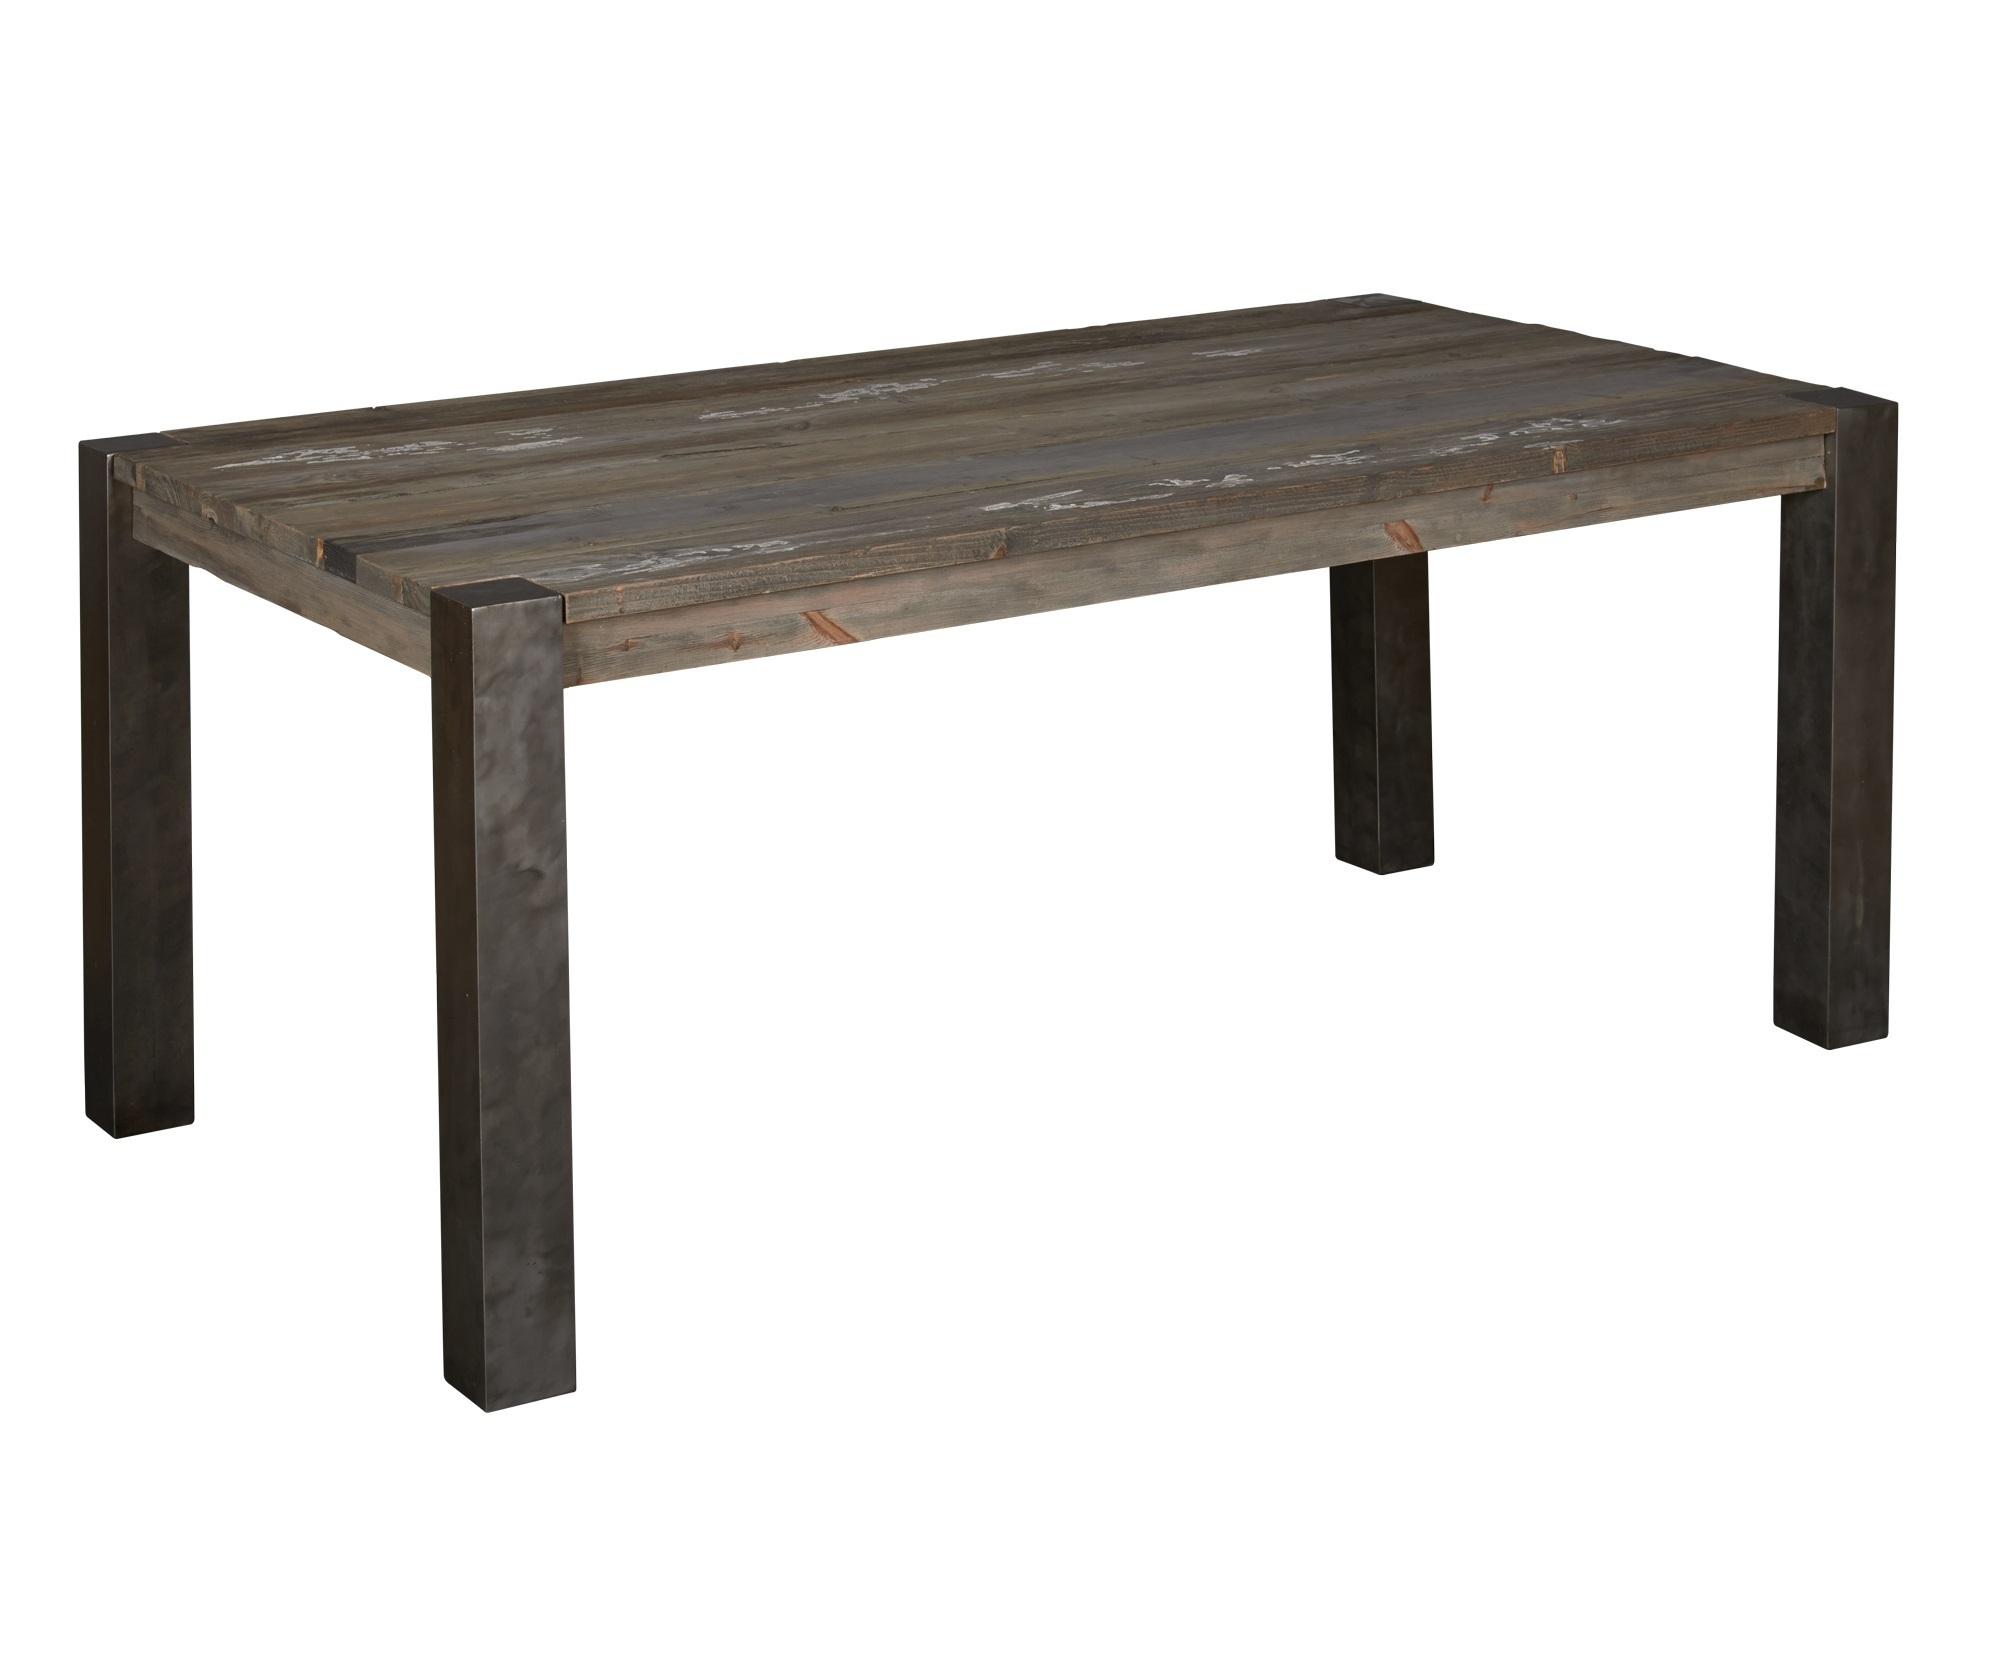 tafel-wouter-towerliving-KL0149- 0151-metalenpoot-industrieel